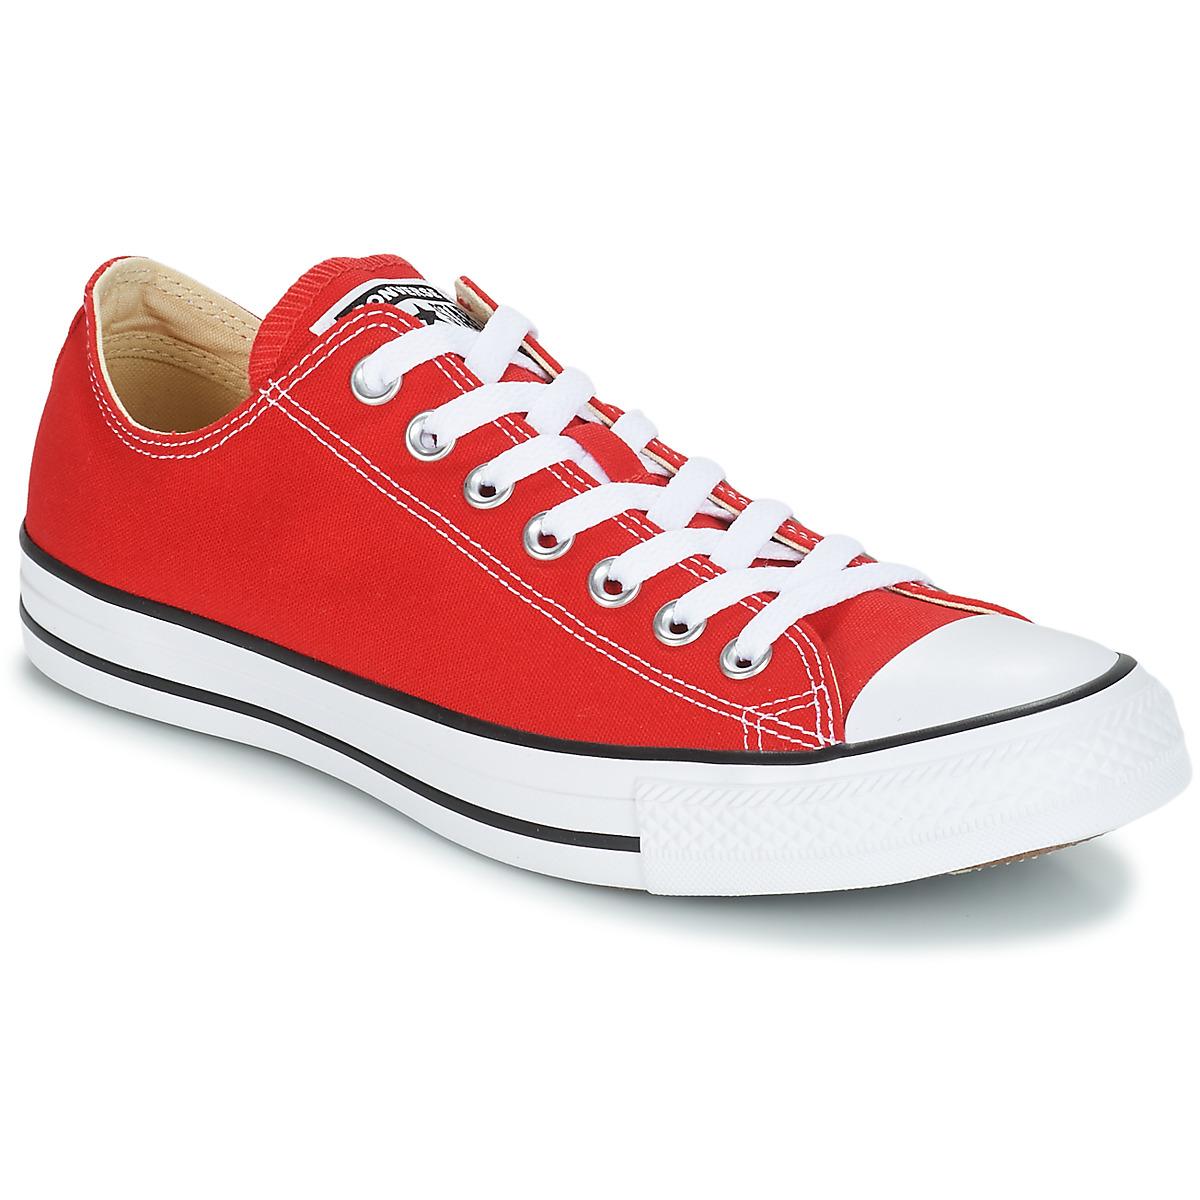 Converse CHUCK TAYLOR ALL STAR CORE OX Rot - Kostenloser Versand bei Spartoode ! - Schuhe Sneaker Low  51,99 €